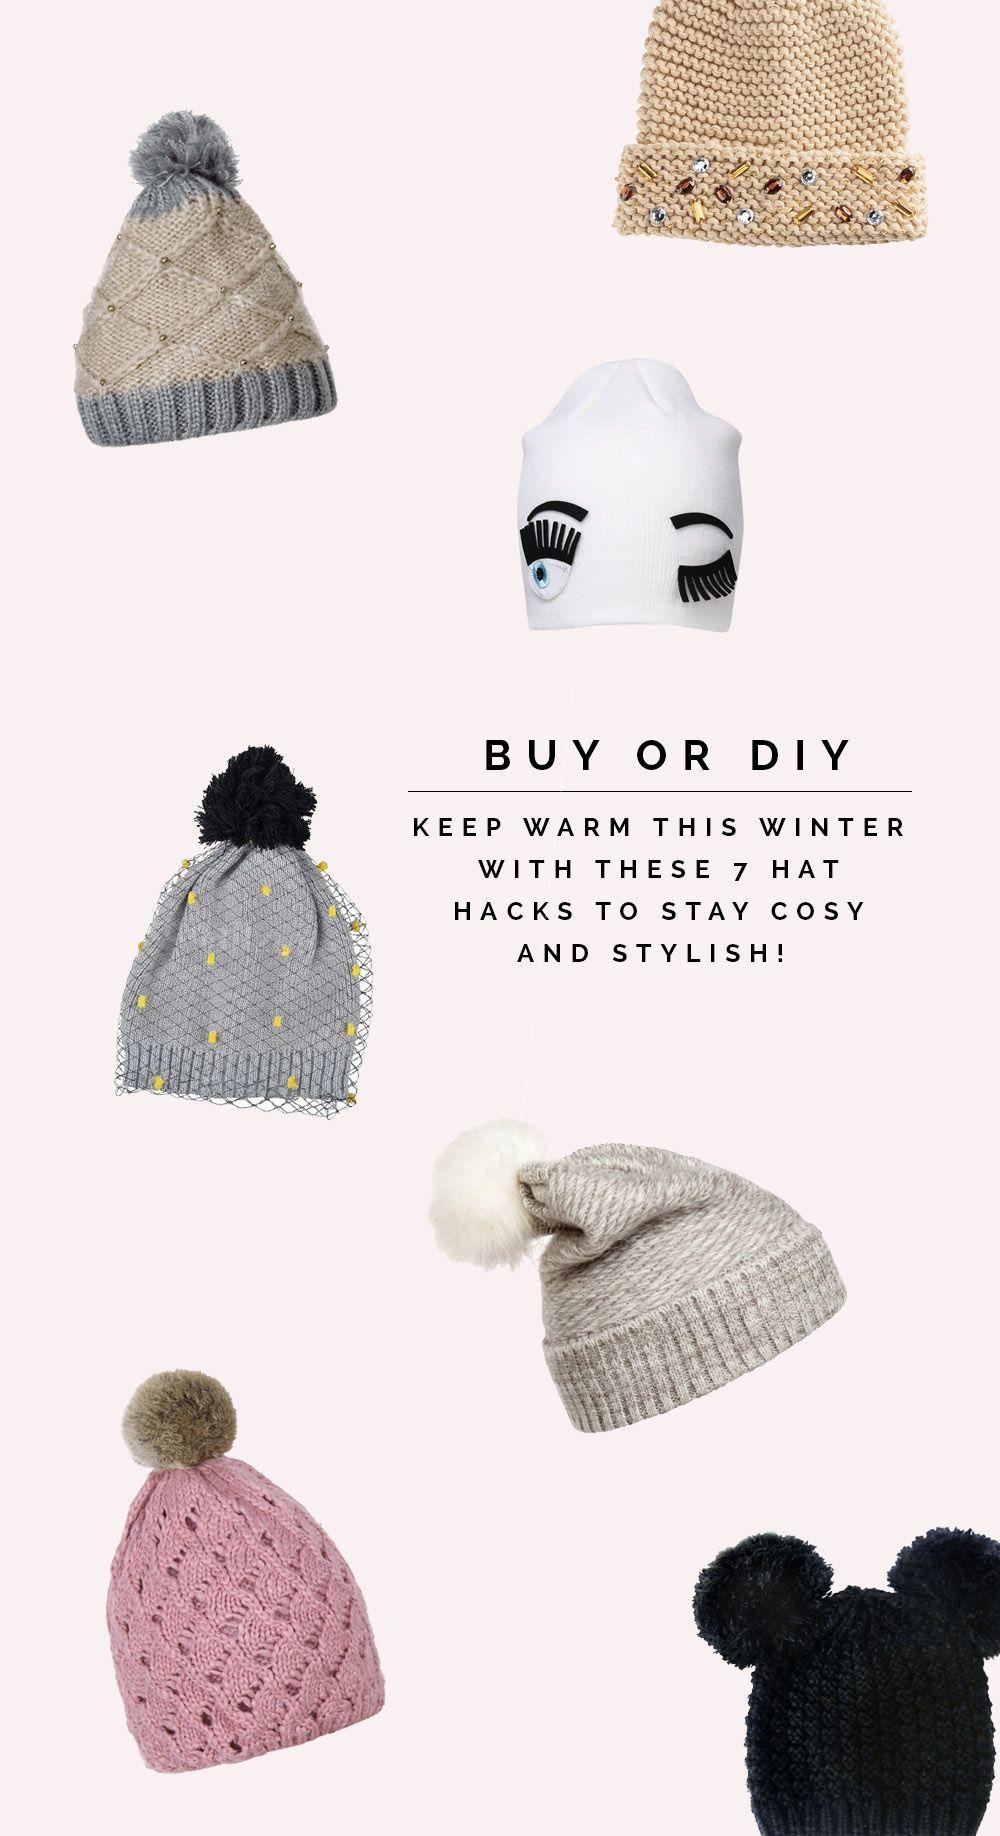 Купить или сделай сам |  Семь зимних шляп, которые сделают вас уютными и стильными |  Падение для DIY